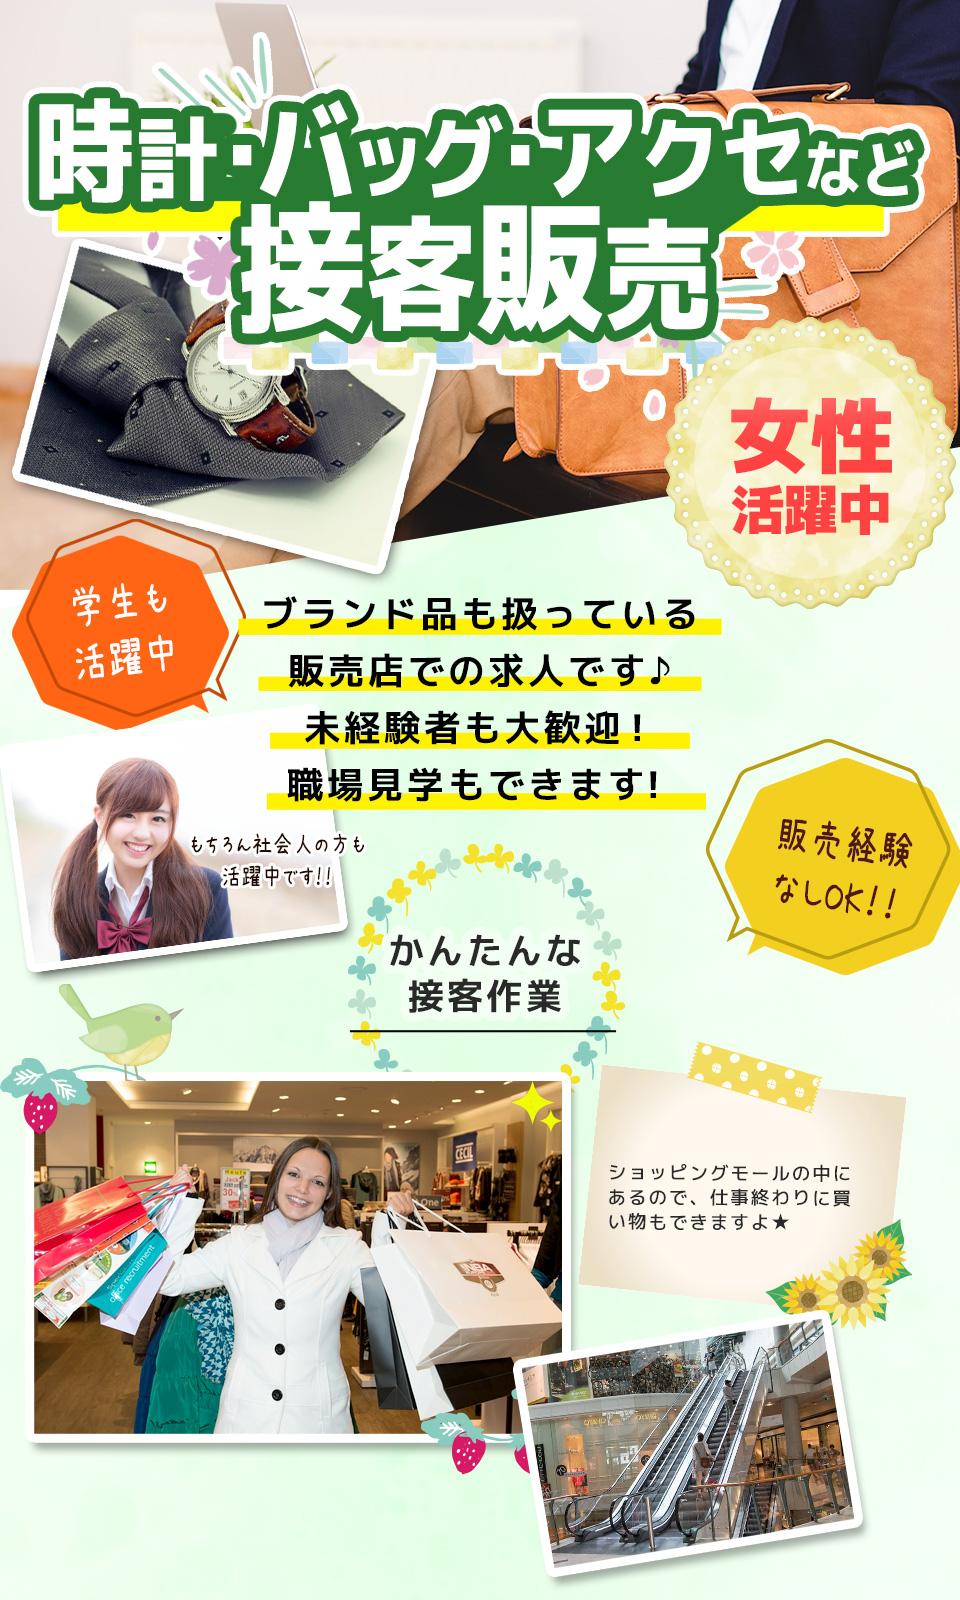 バッグ・アクセサリーの販売・接客 石川県小松市の派遣社員求人